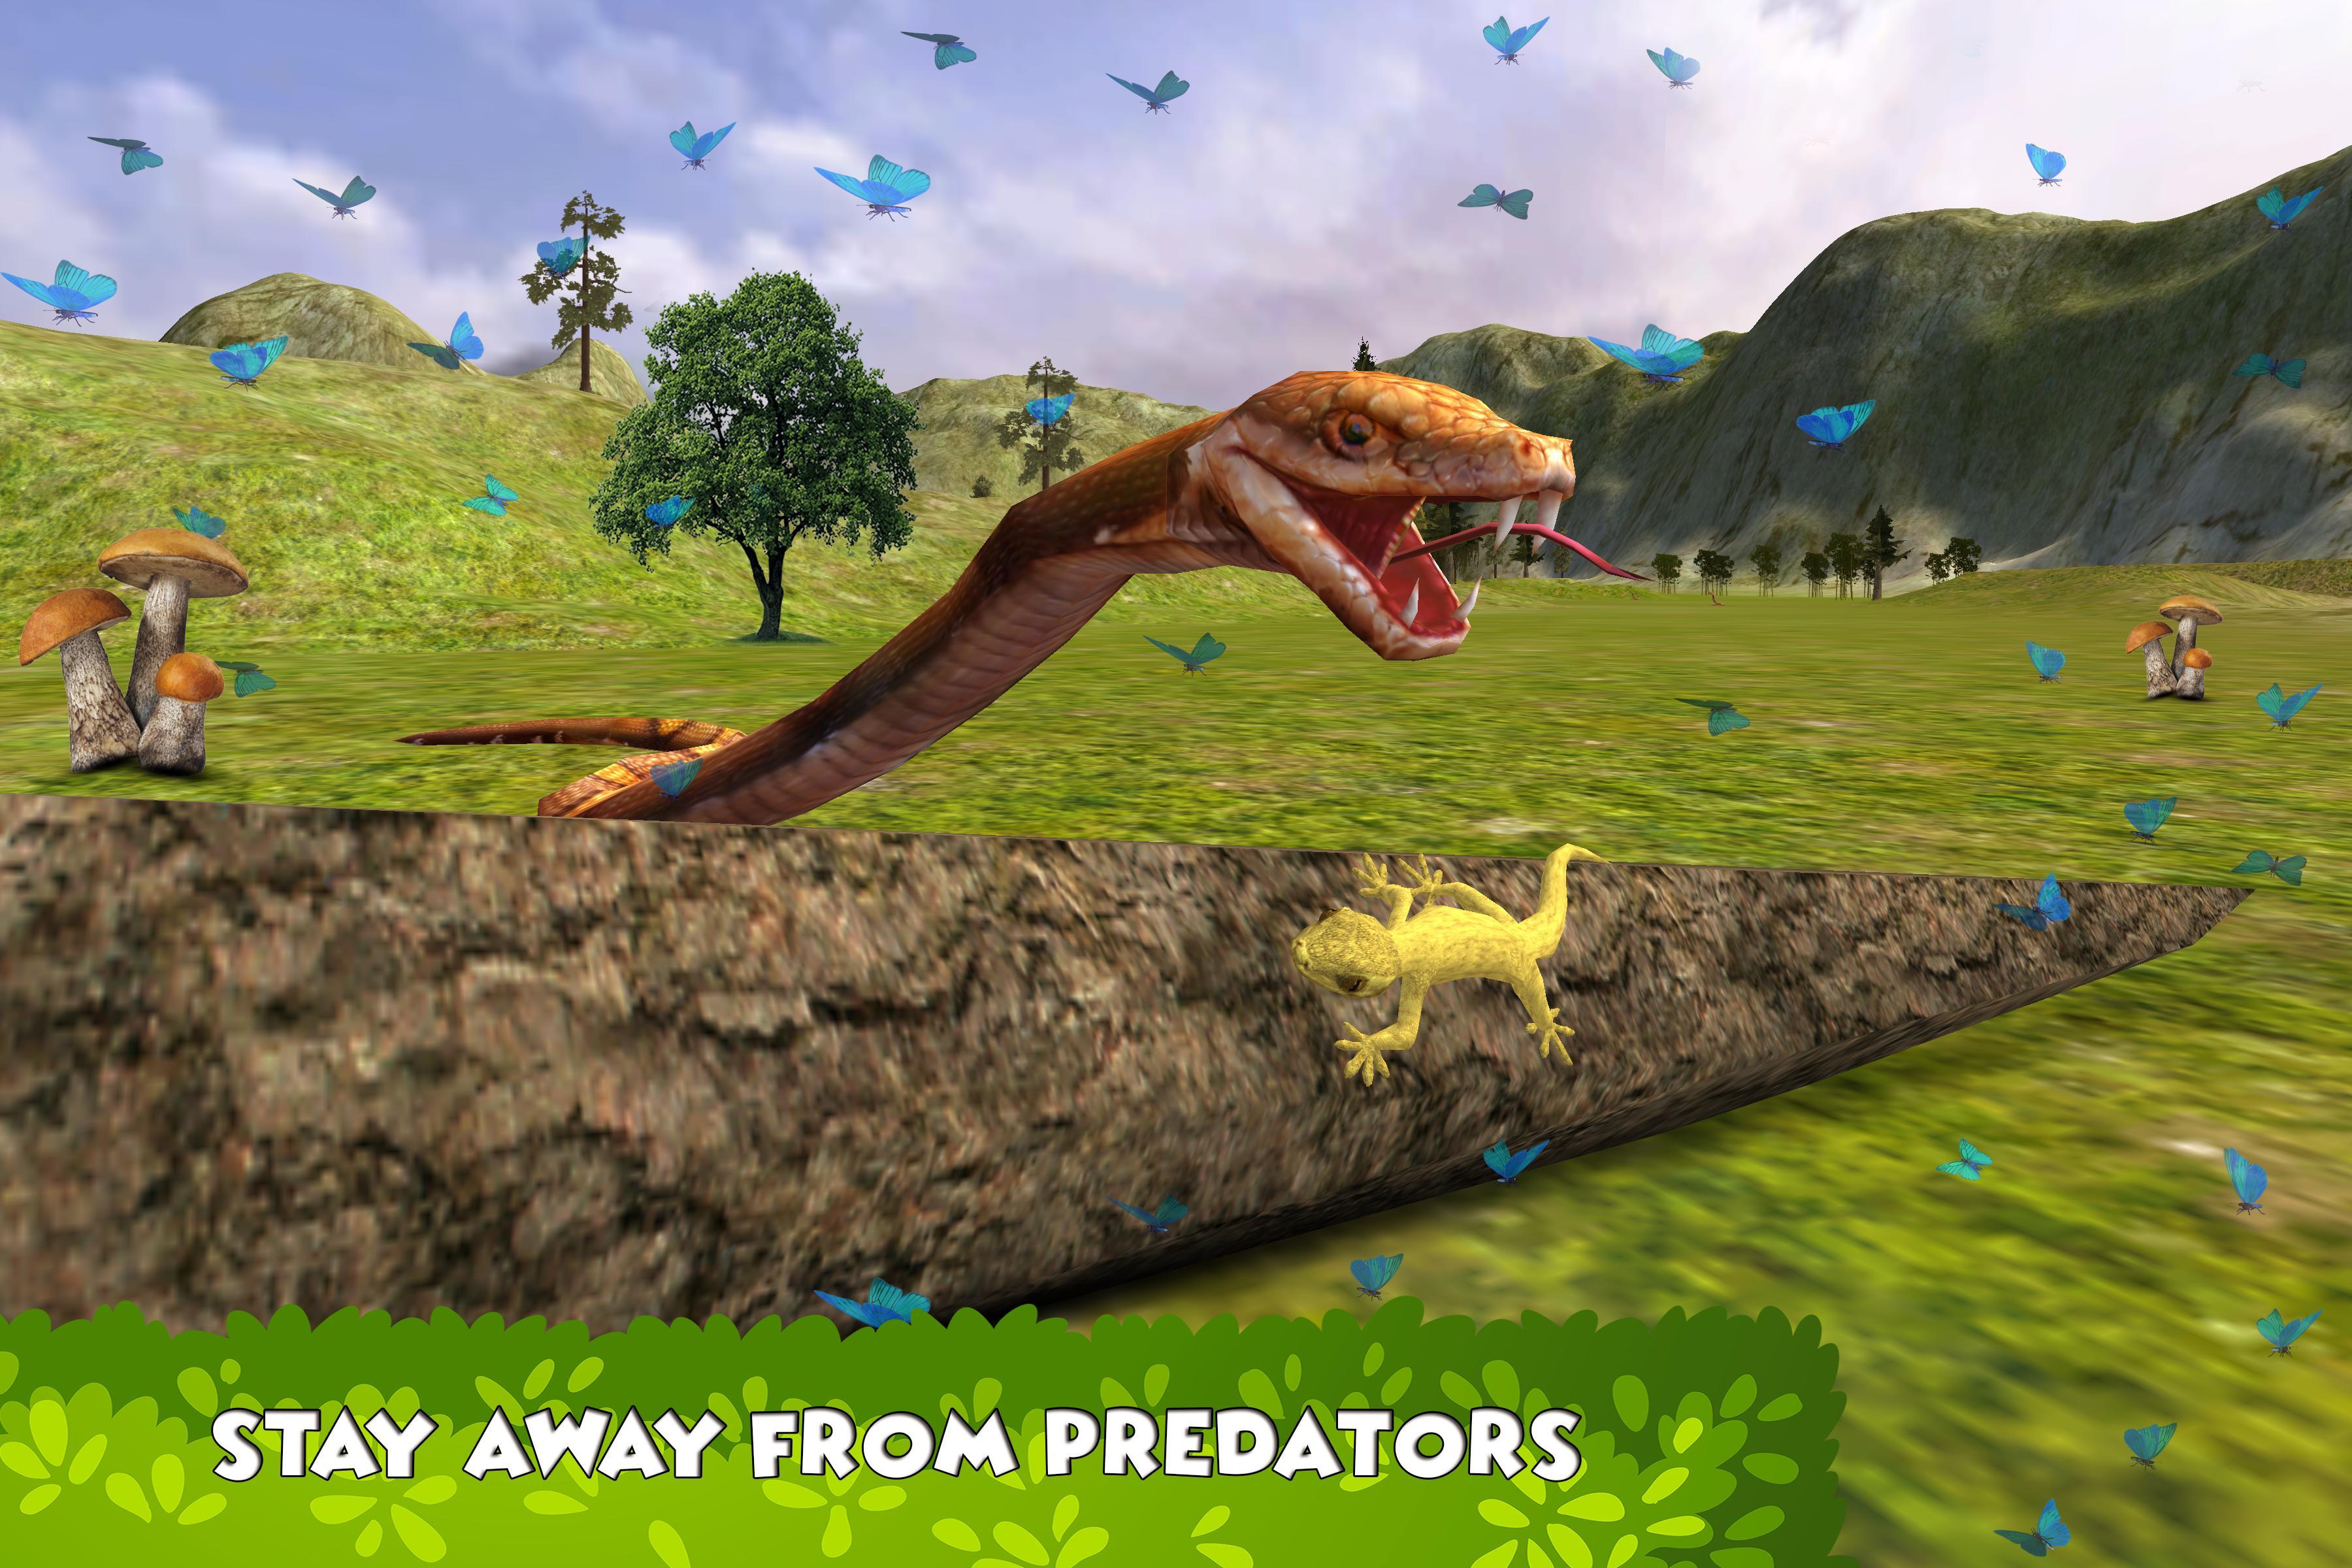 еще картинки из игры ящерицы означает